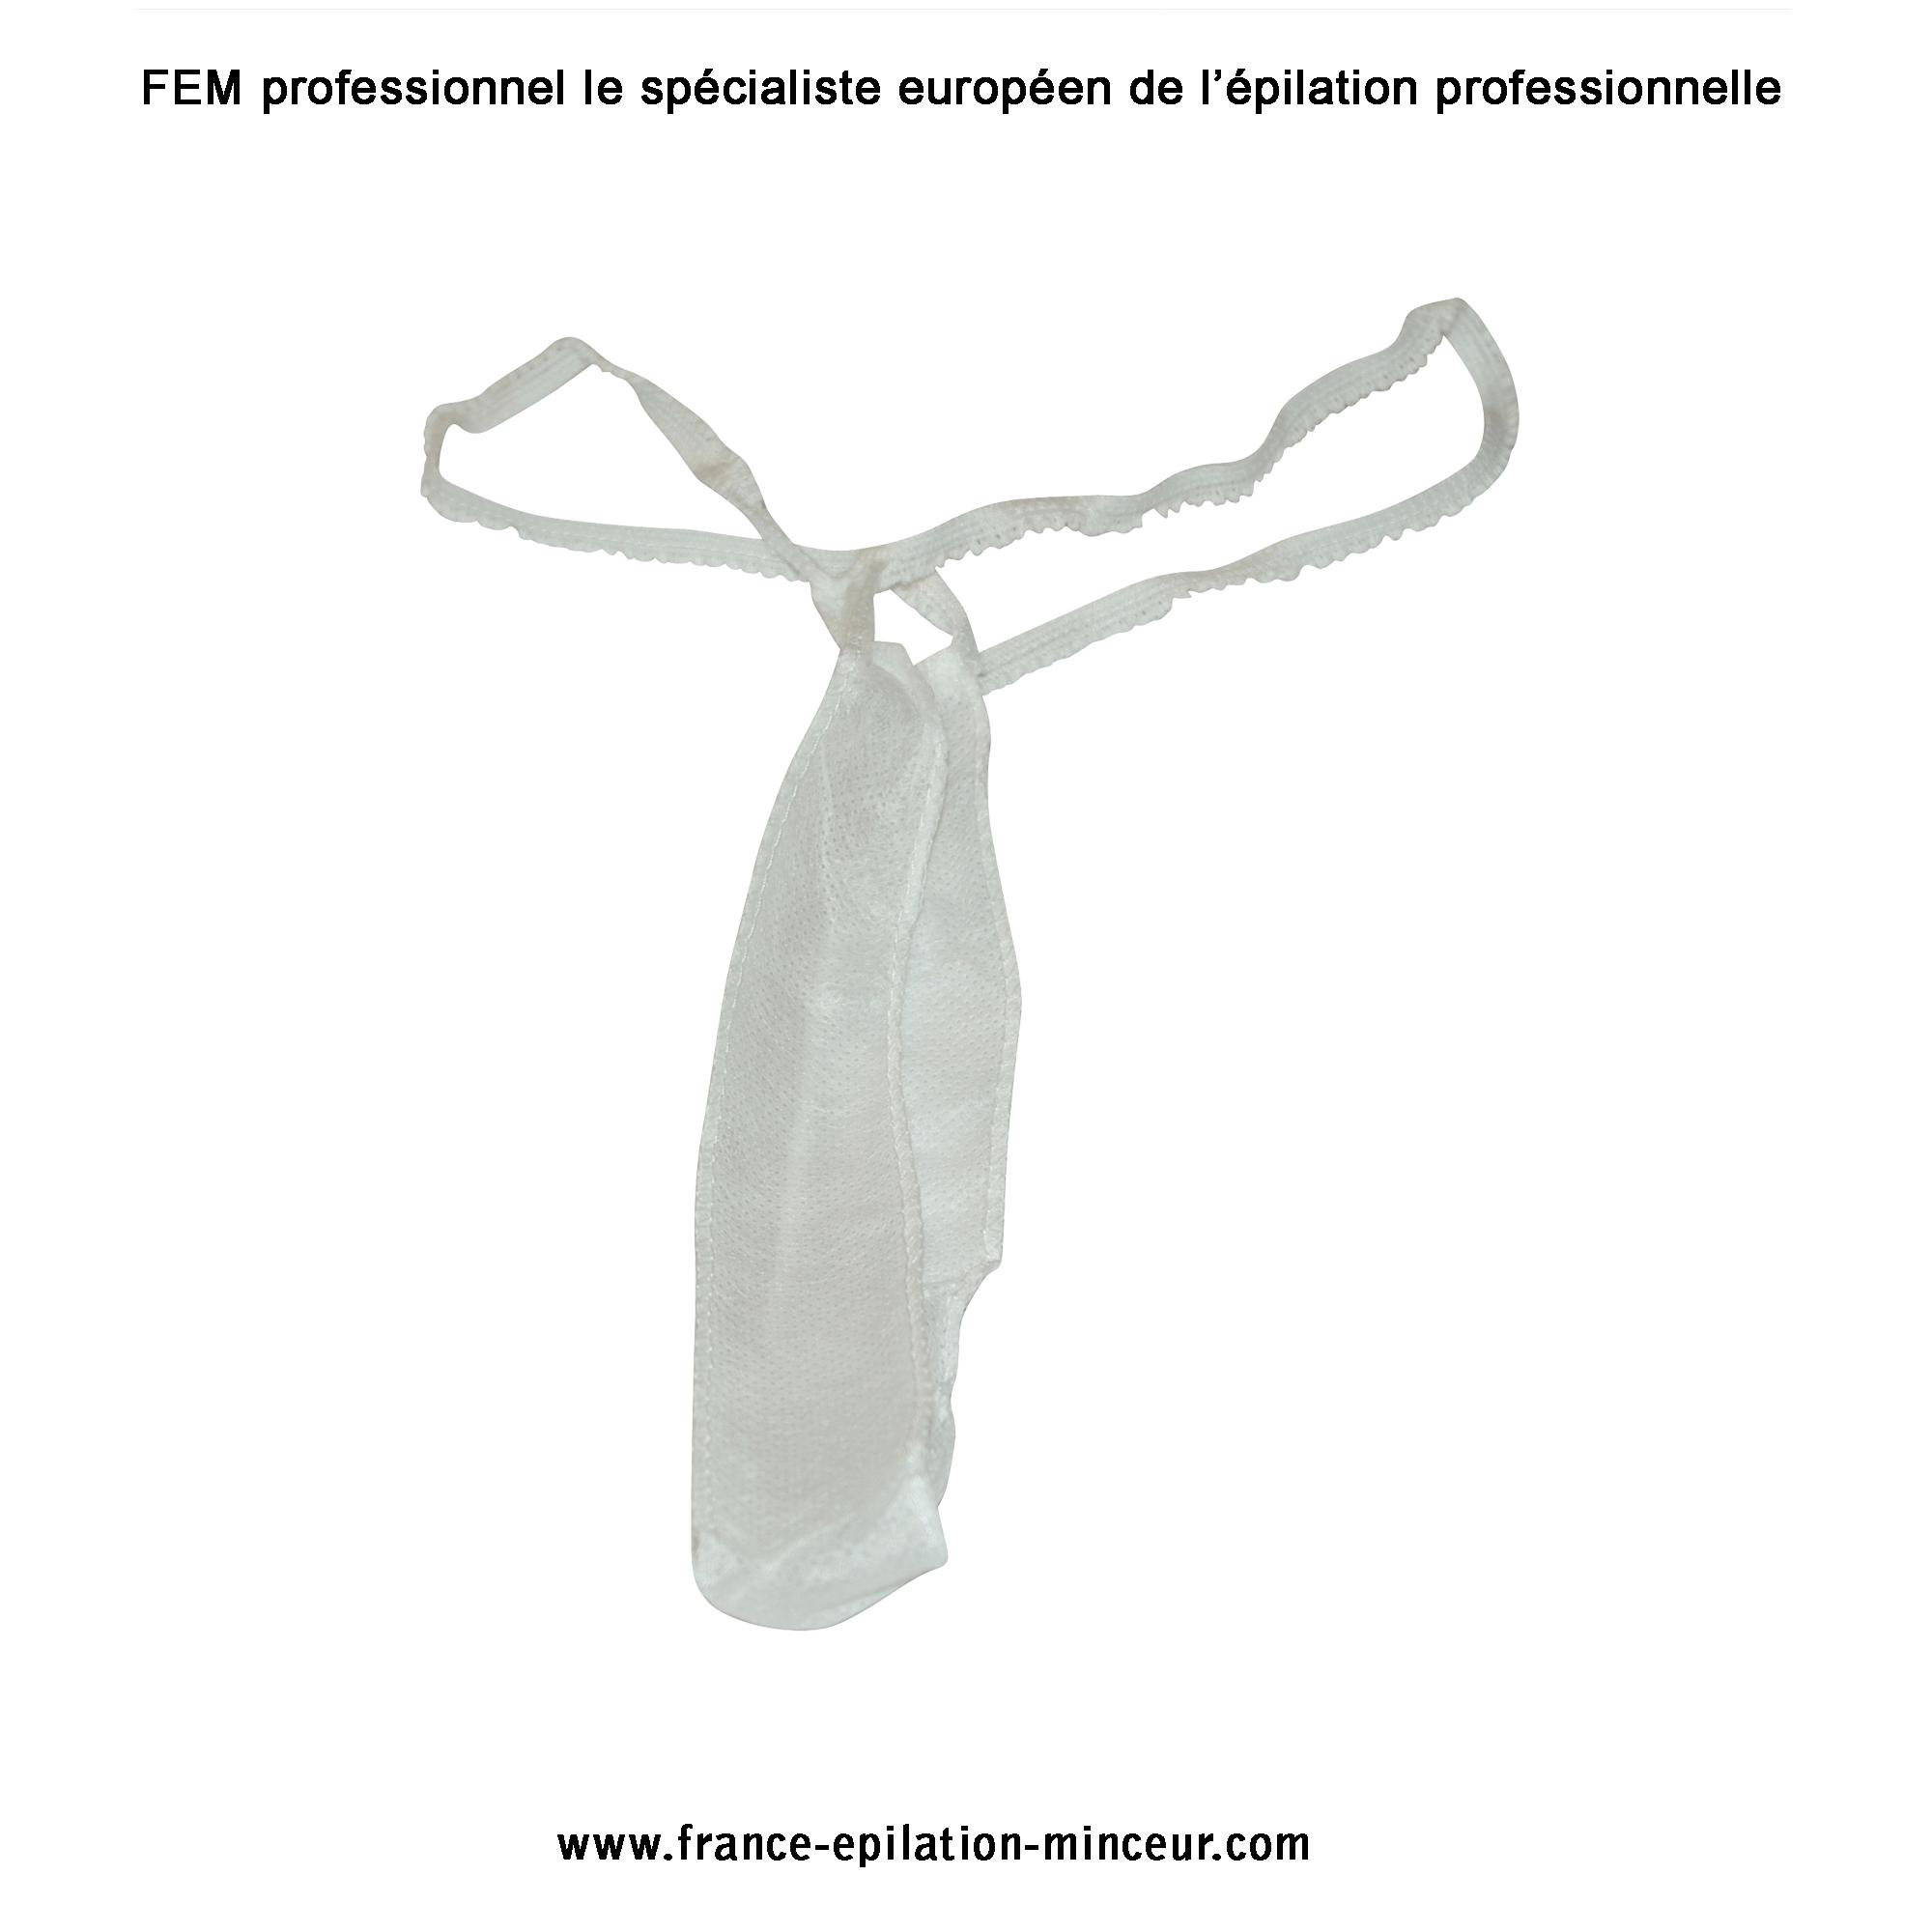 string jetable pour epilation maillot lot de 10 ebay. Black Bedroom Furniture Sets. Home Design Ideas